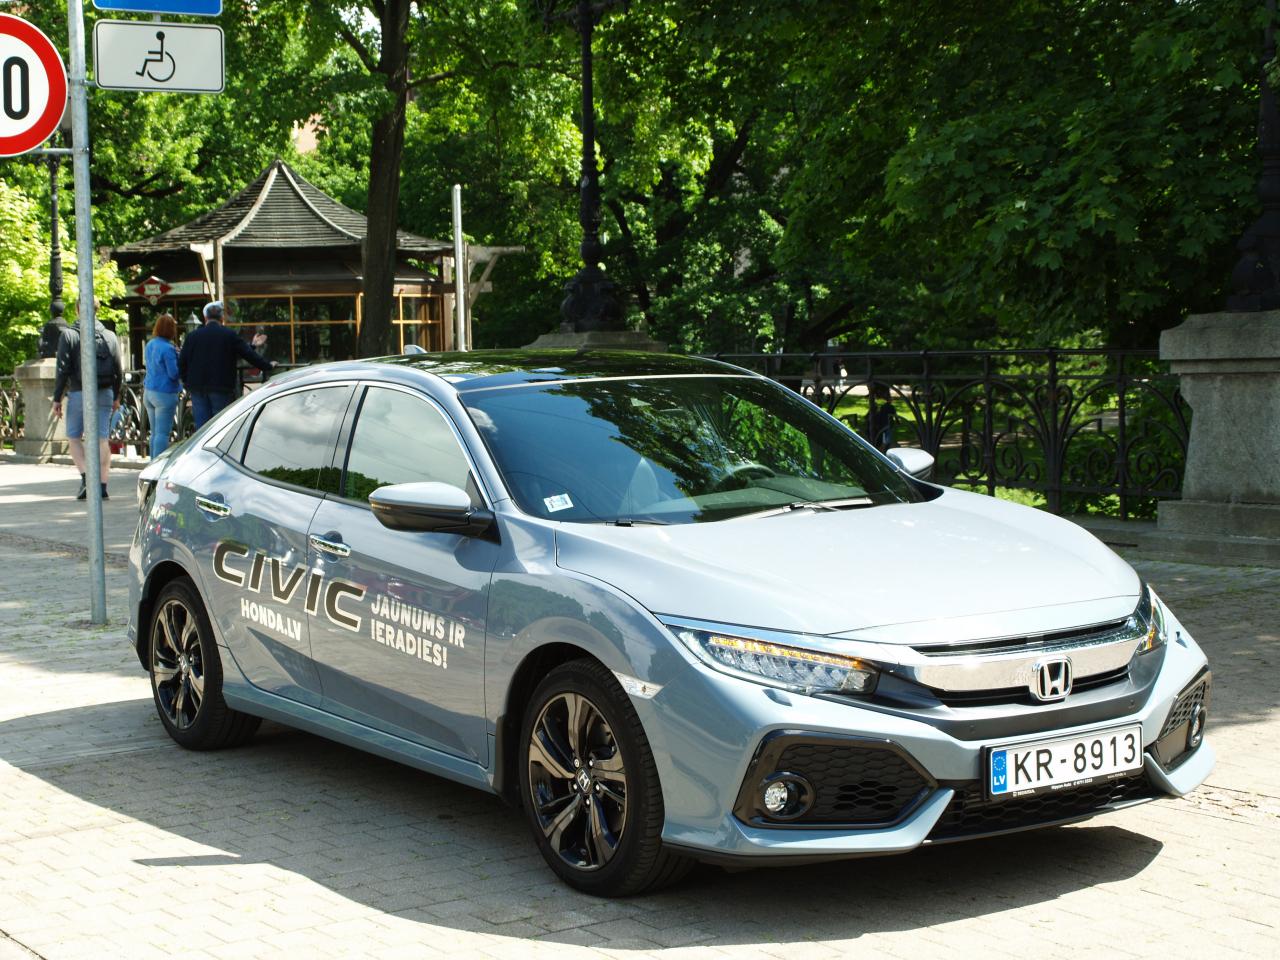 Civic šobrīd pieejams hečbeka versijā, un drīz klāstu papildinās arī sedana modifikācija.